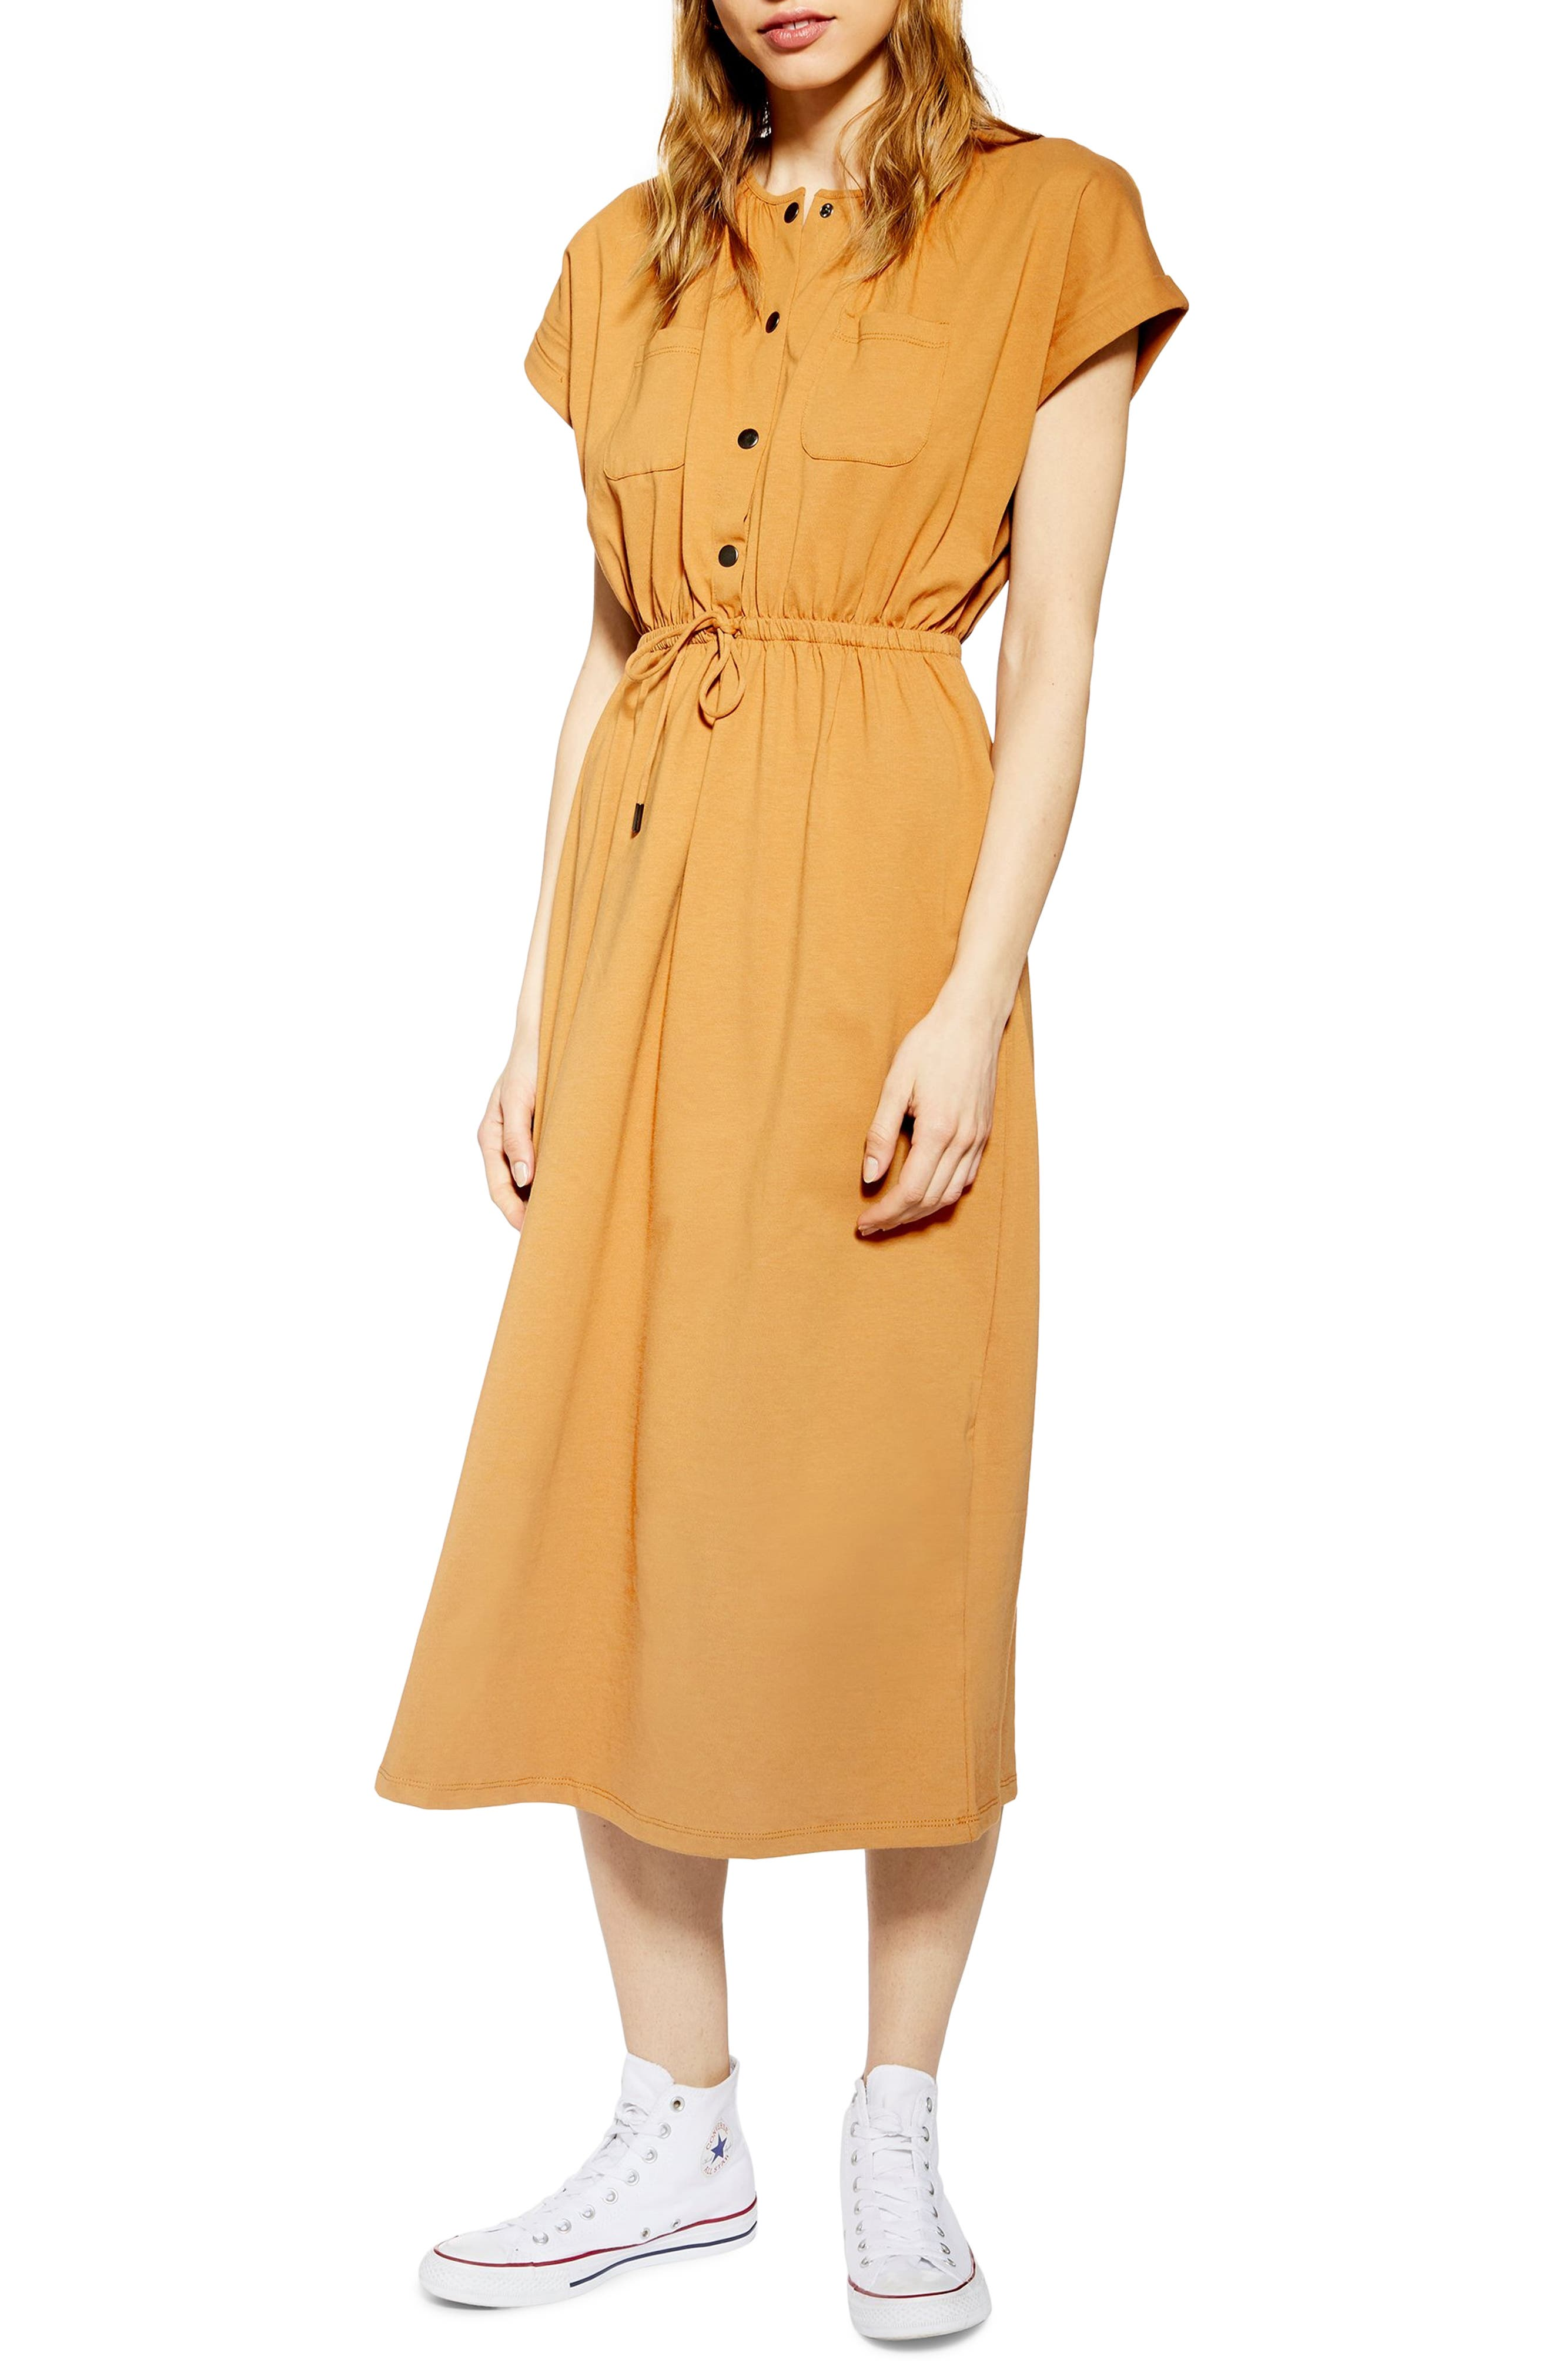 Topshop Popper Midi Dress, US (fits like 14) - Metallic